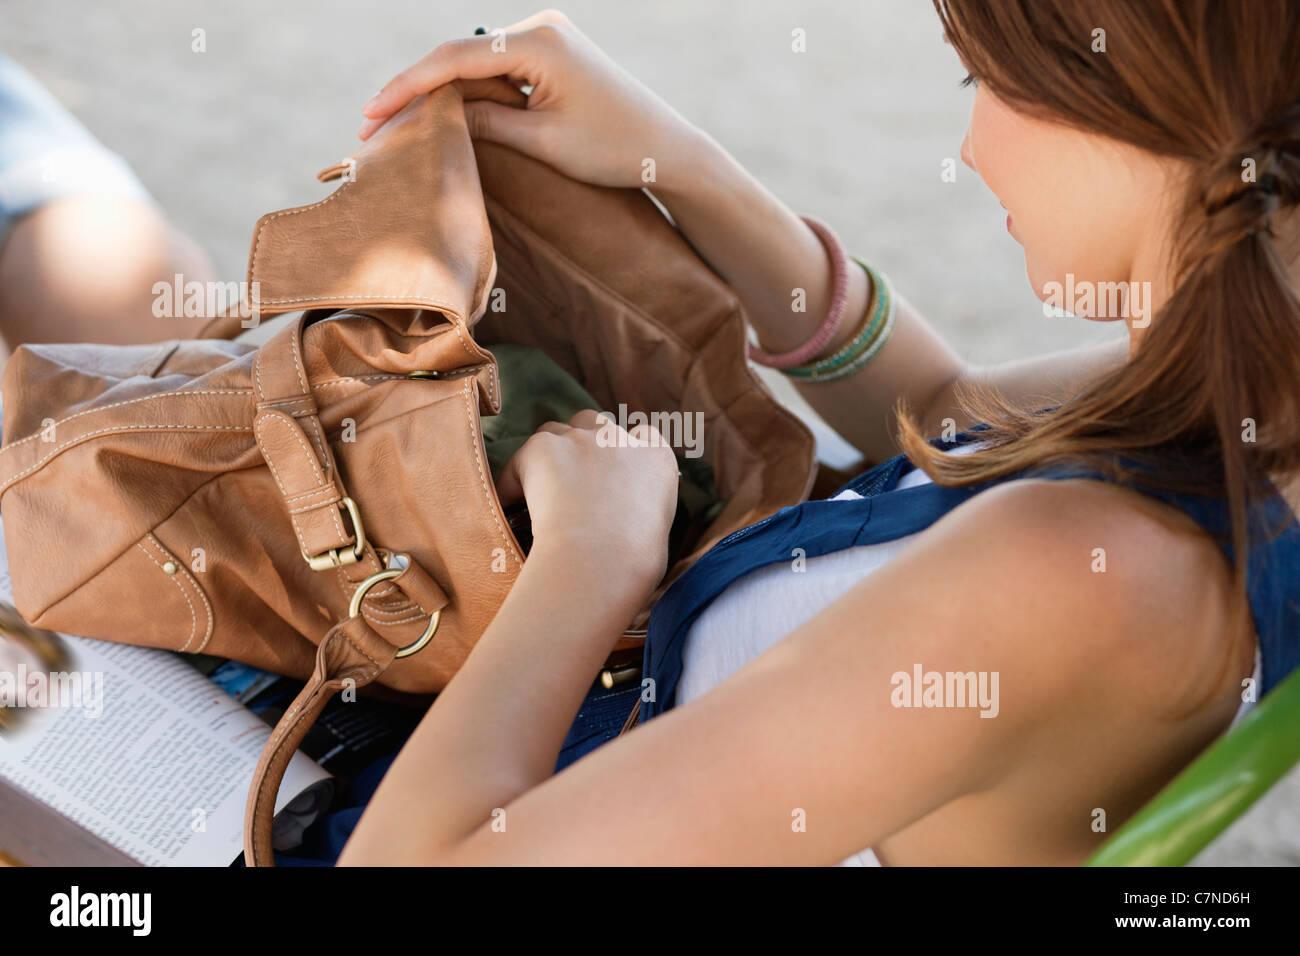 Woman checking her purse, Paris, Ile-de-France, France - Stock Image